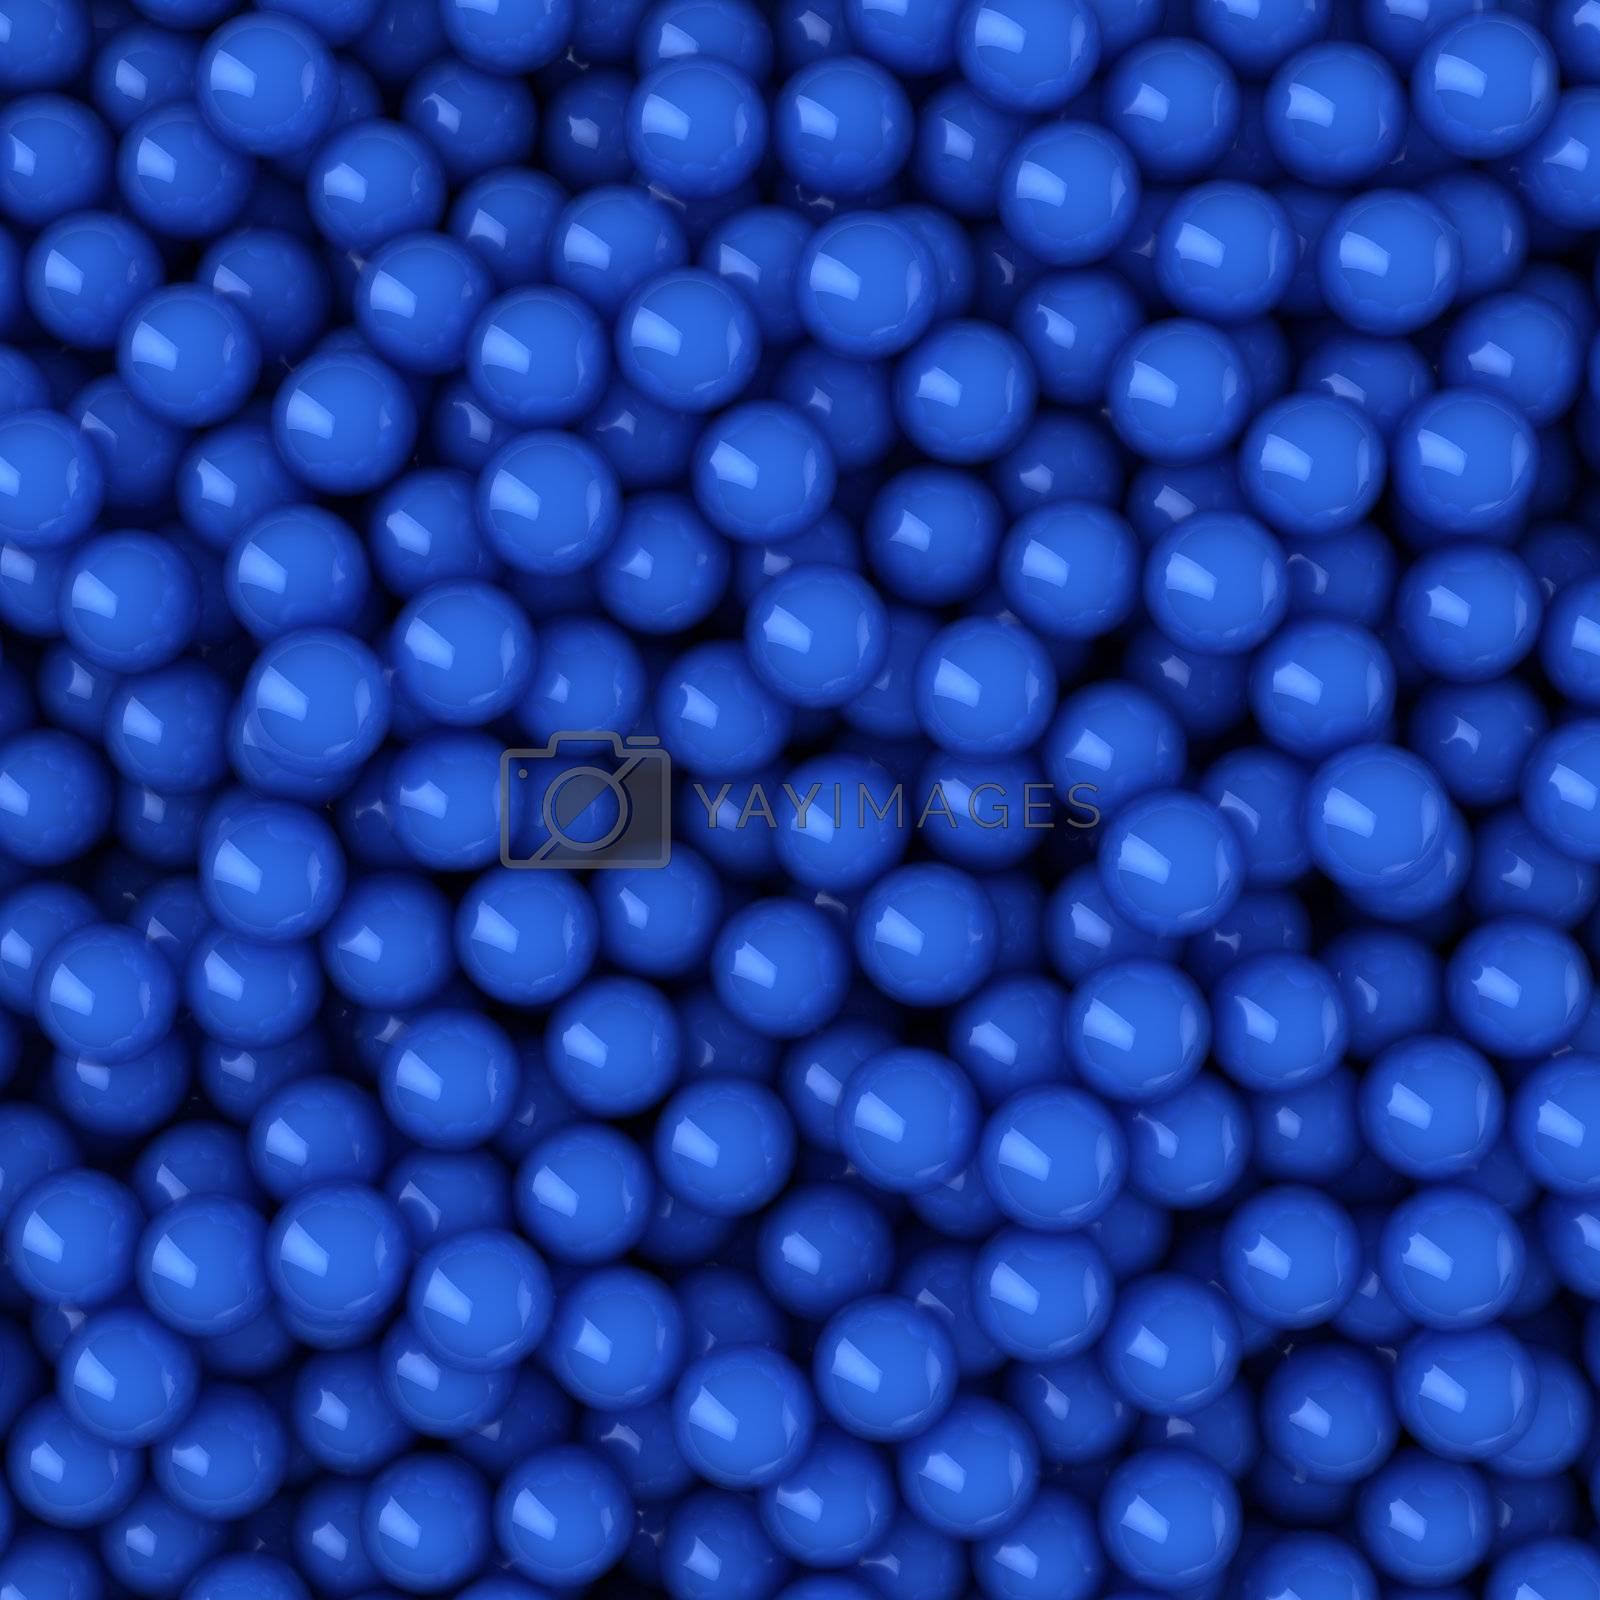 Heap of blue balls, 3d computer graphic